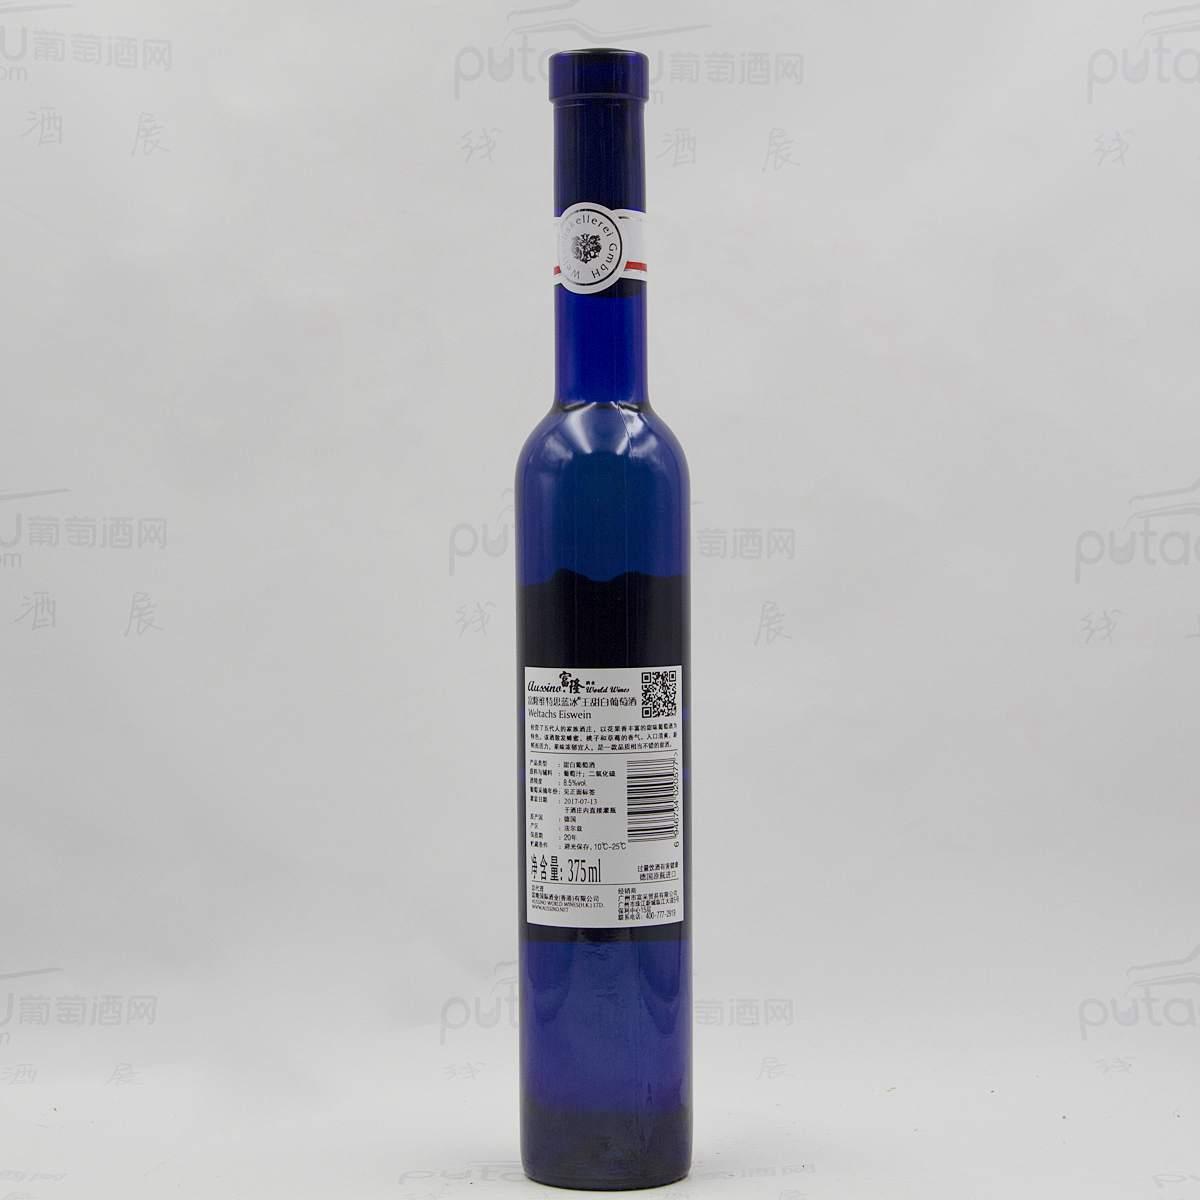 富隆维特思蓝冰王白葡萄酒